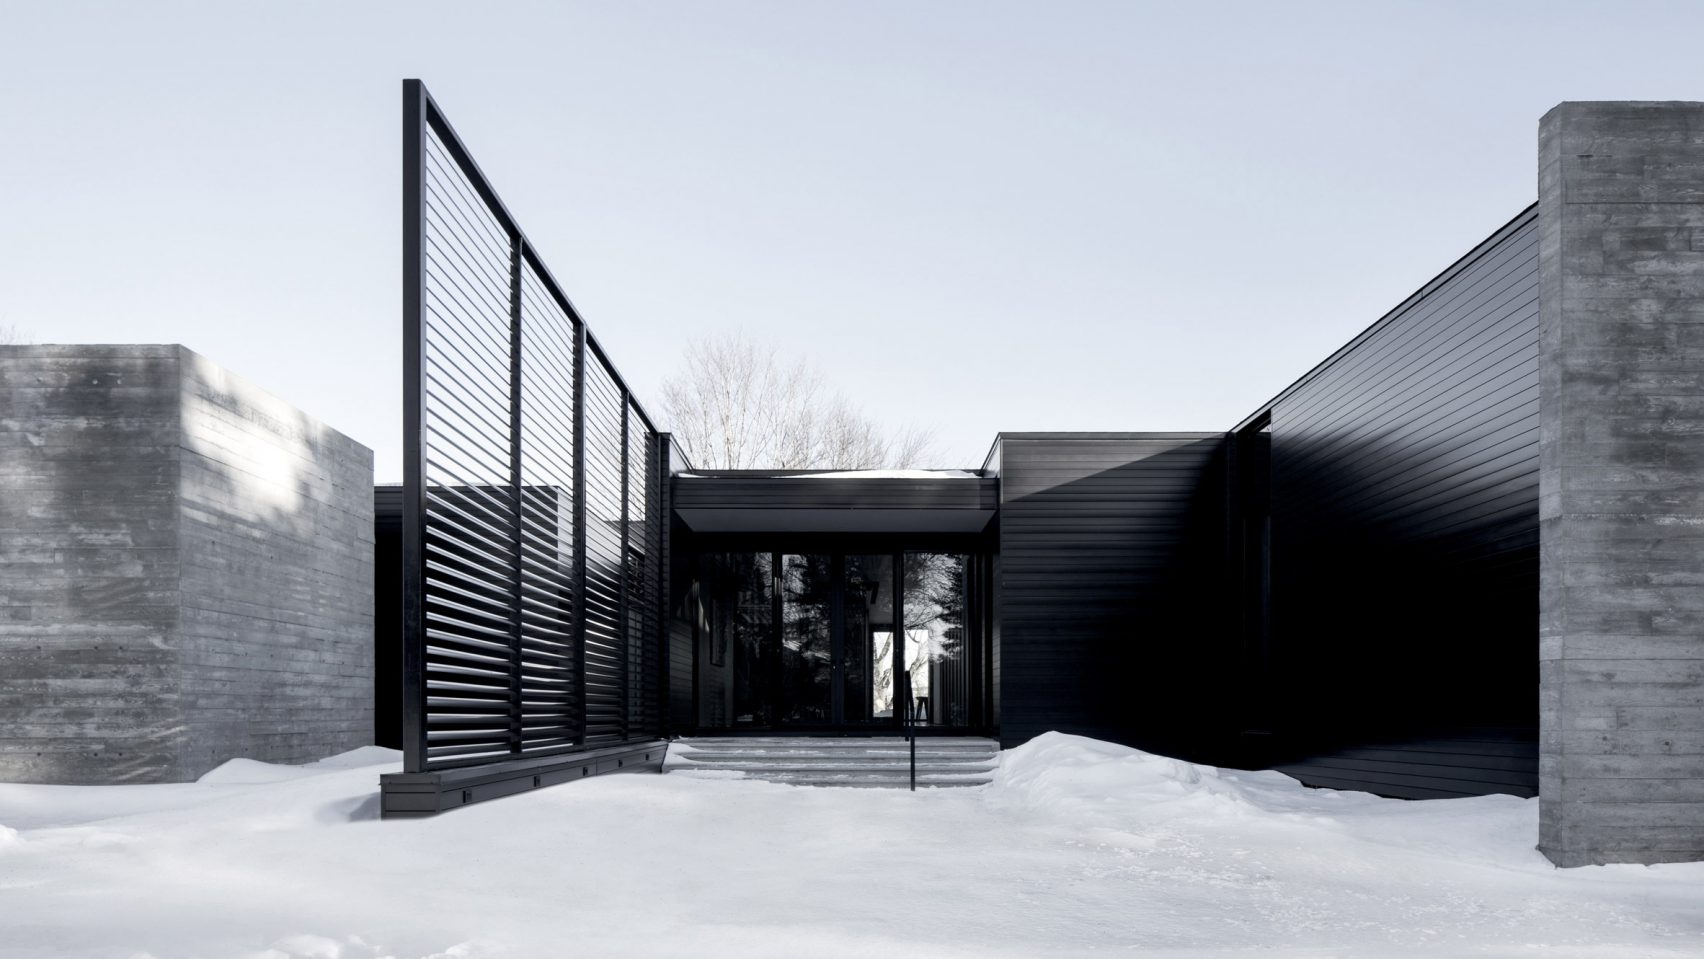 Maison Bois Architecte Pas Cher vendre des maisons d'architecte - urbania